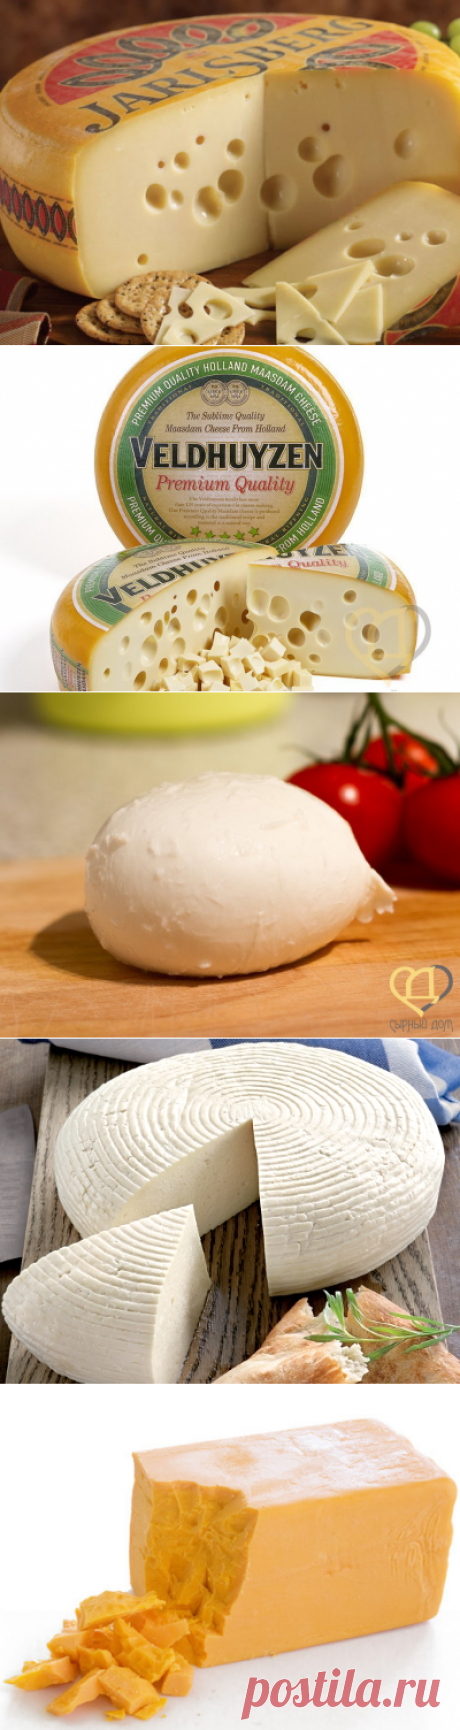 Рецепты сыра | Сырный Дом: все для домашнего сыроделия